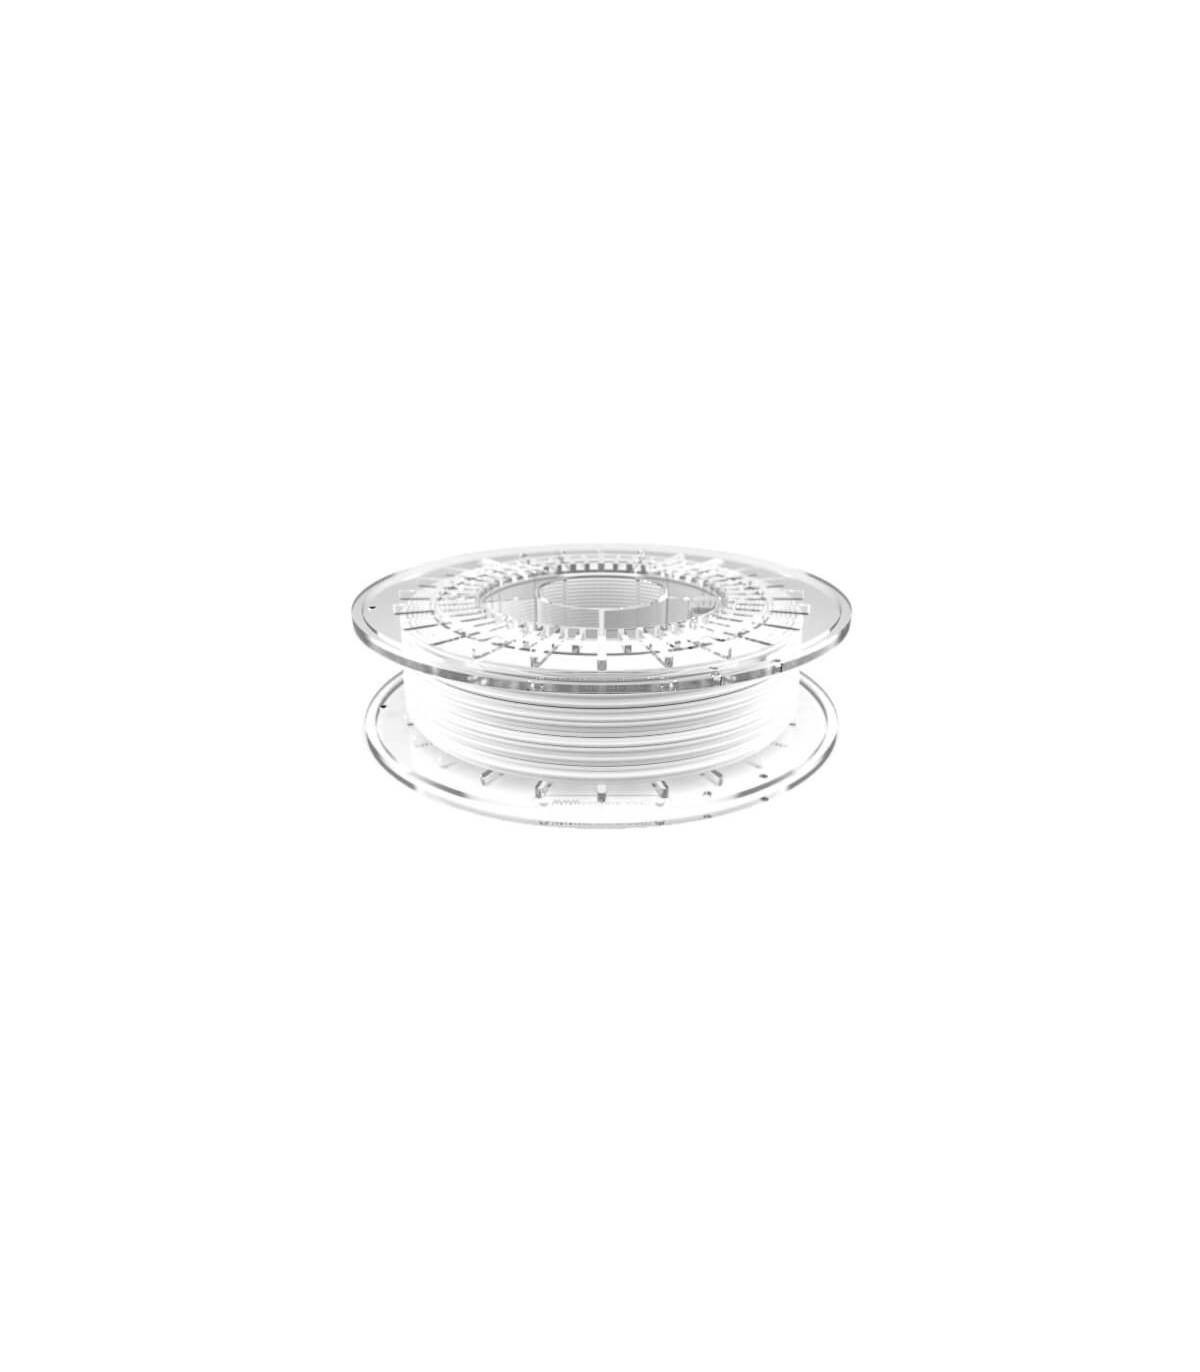 FilaFlex White 82A TPE Filament 1.75 mm 500g